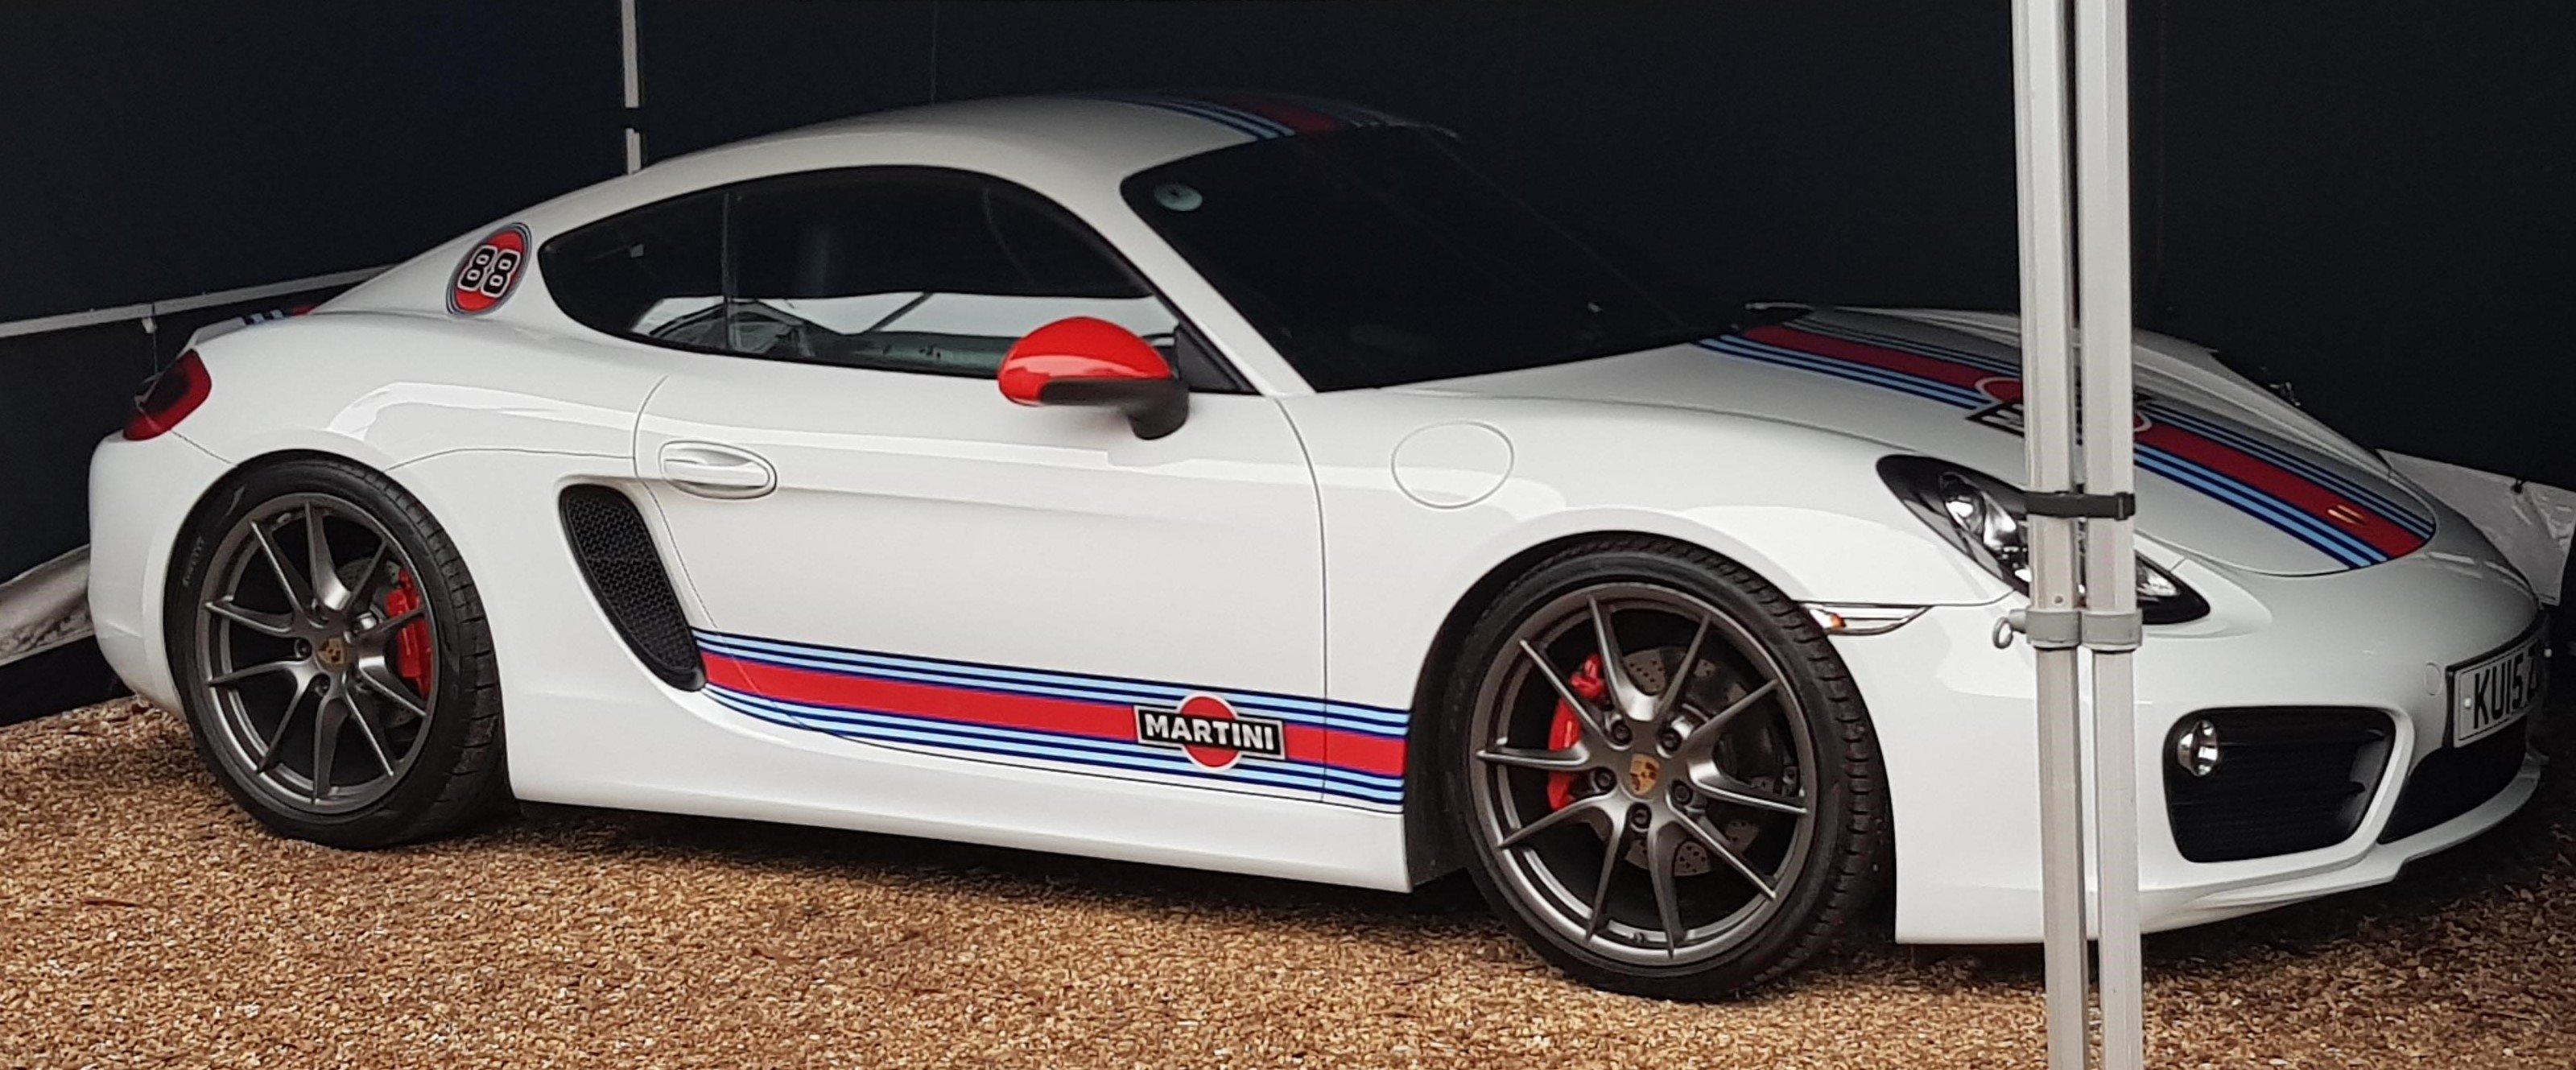 Stunning one owner Porsche